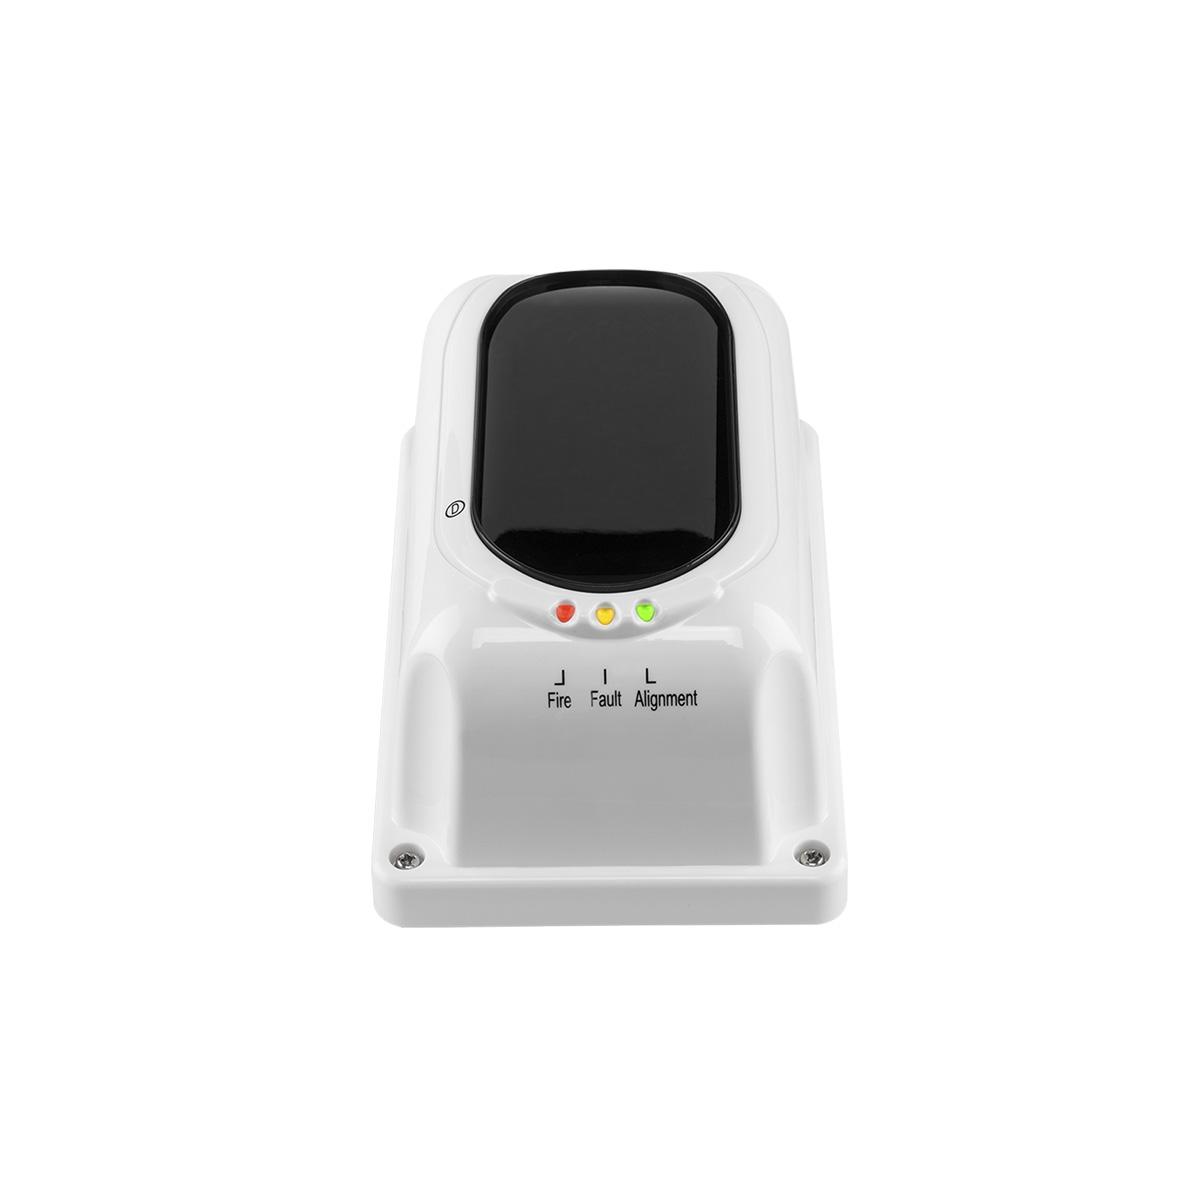 Detector De Fumaca Intelbras Linear 70 A 100 Mts Dfl 3103